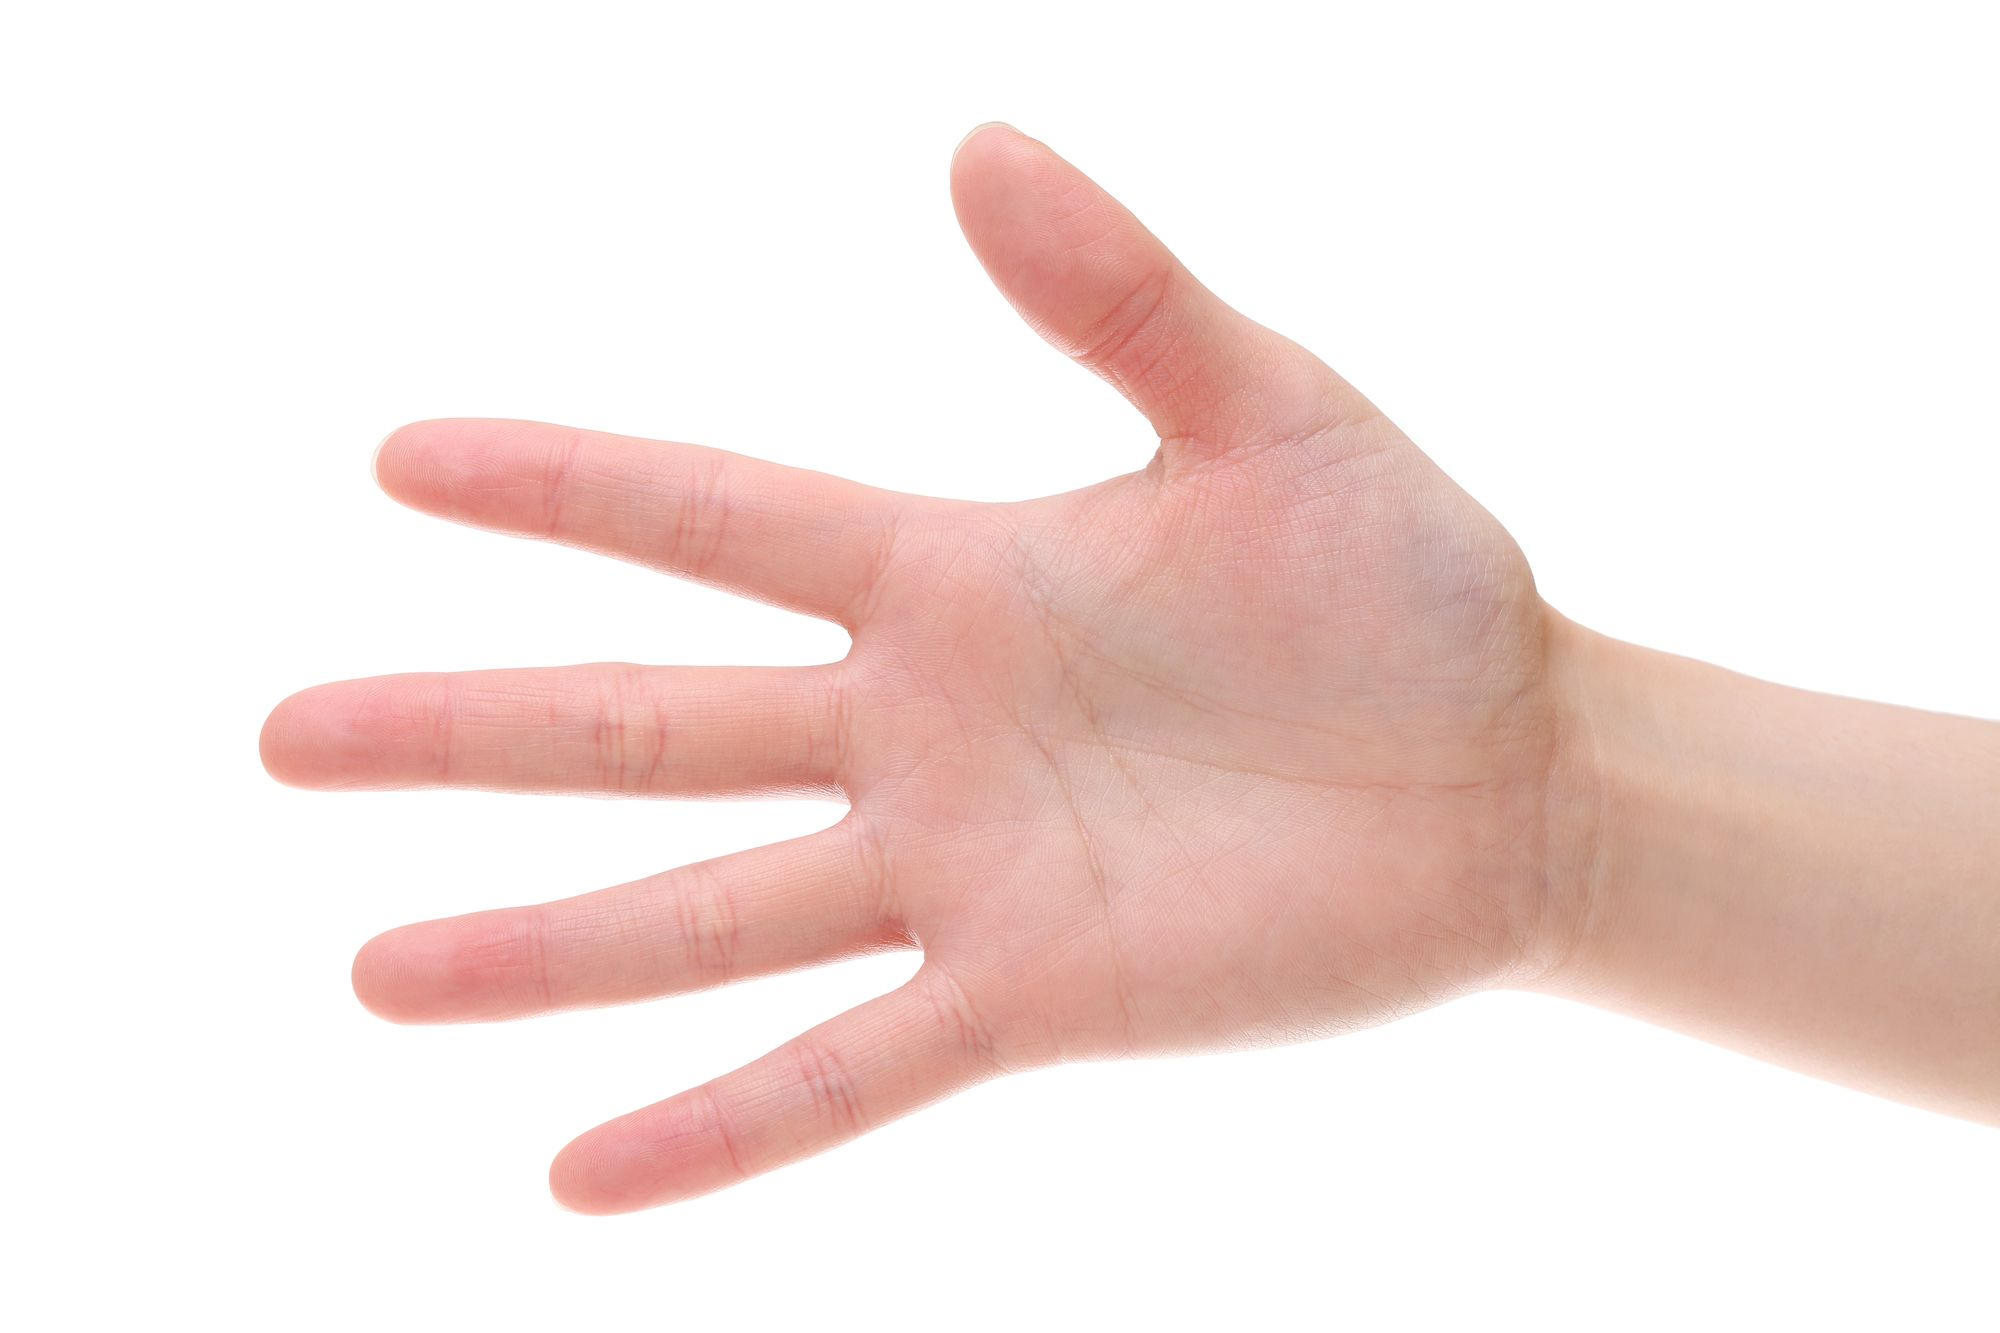 イオンカードがカードレス決済実証実験の開始を発表!精度の高い手のひら整脈認証